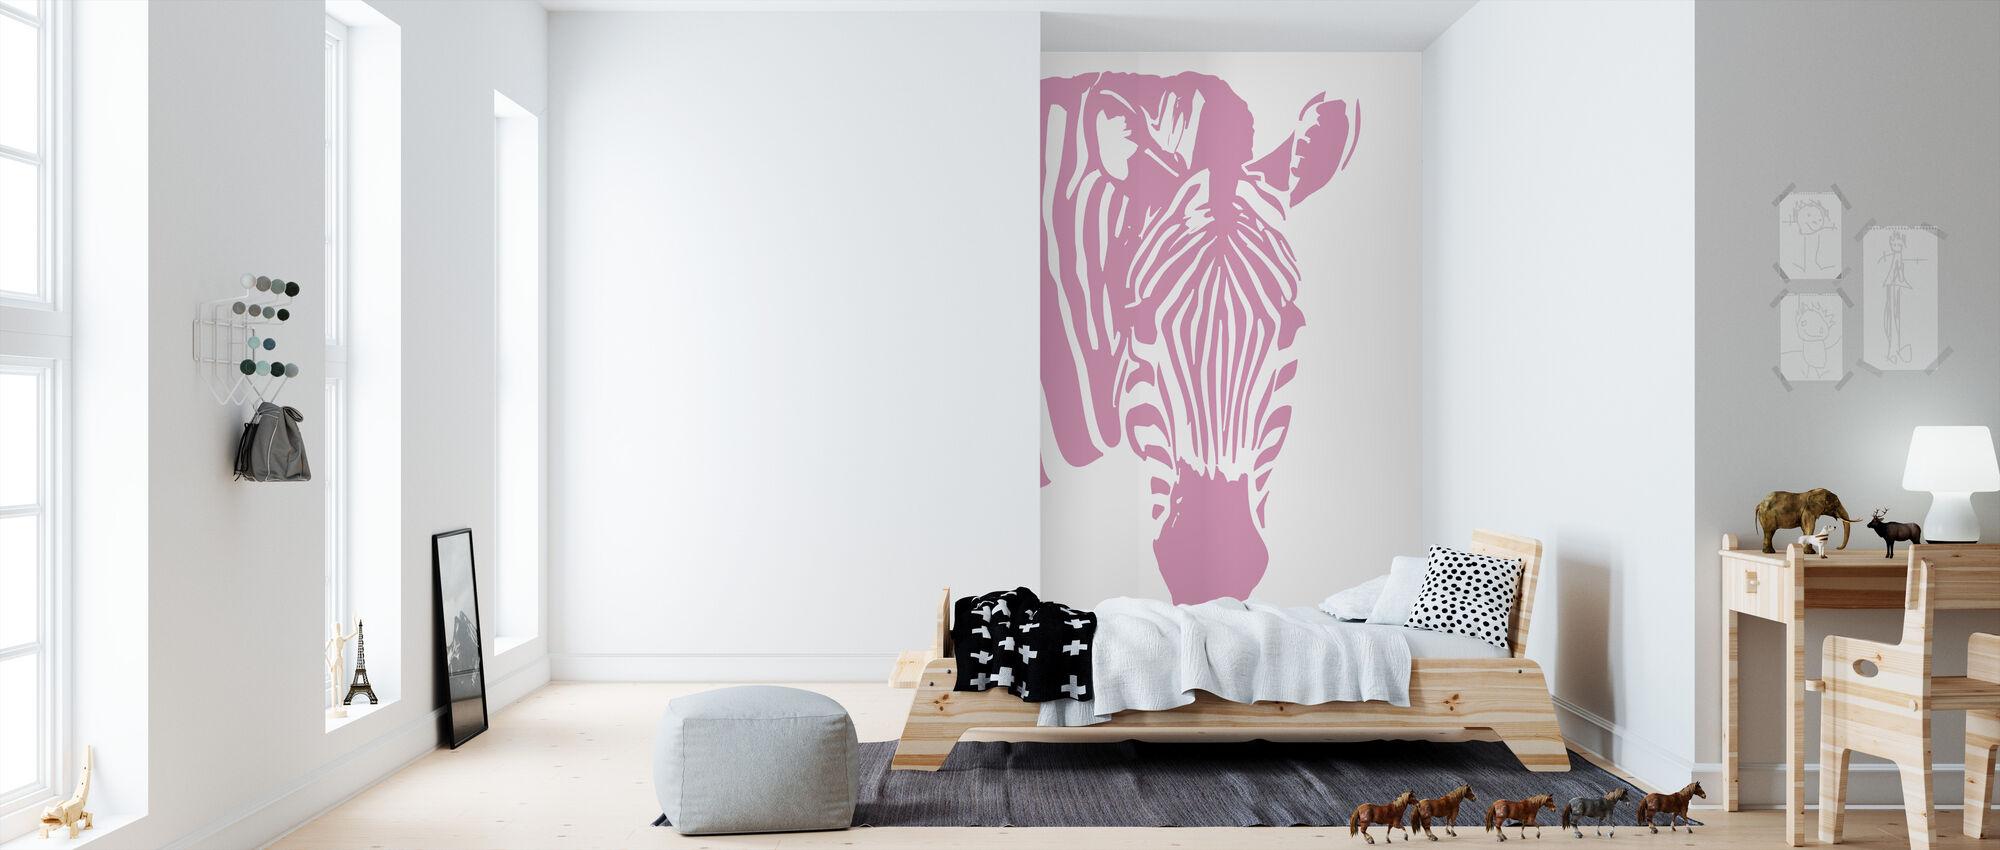 Watching Zebra - Wallpaper - Kids Room